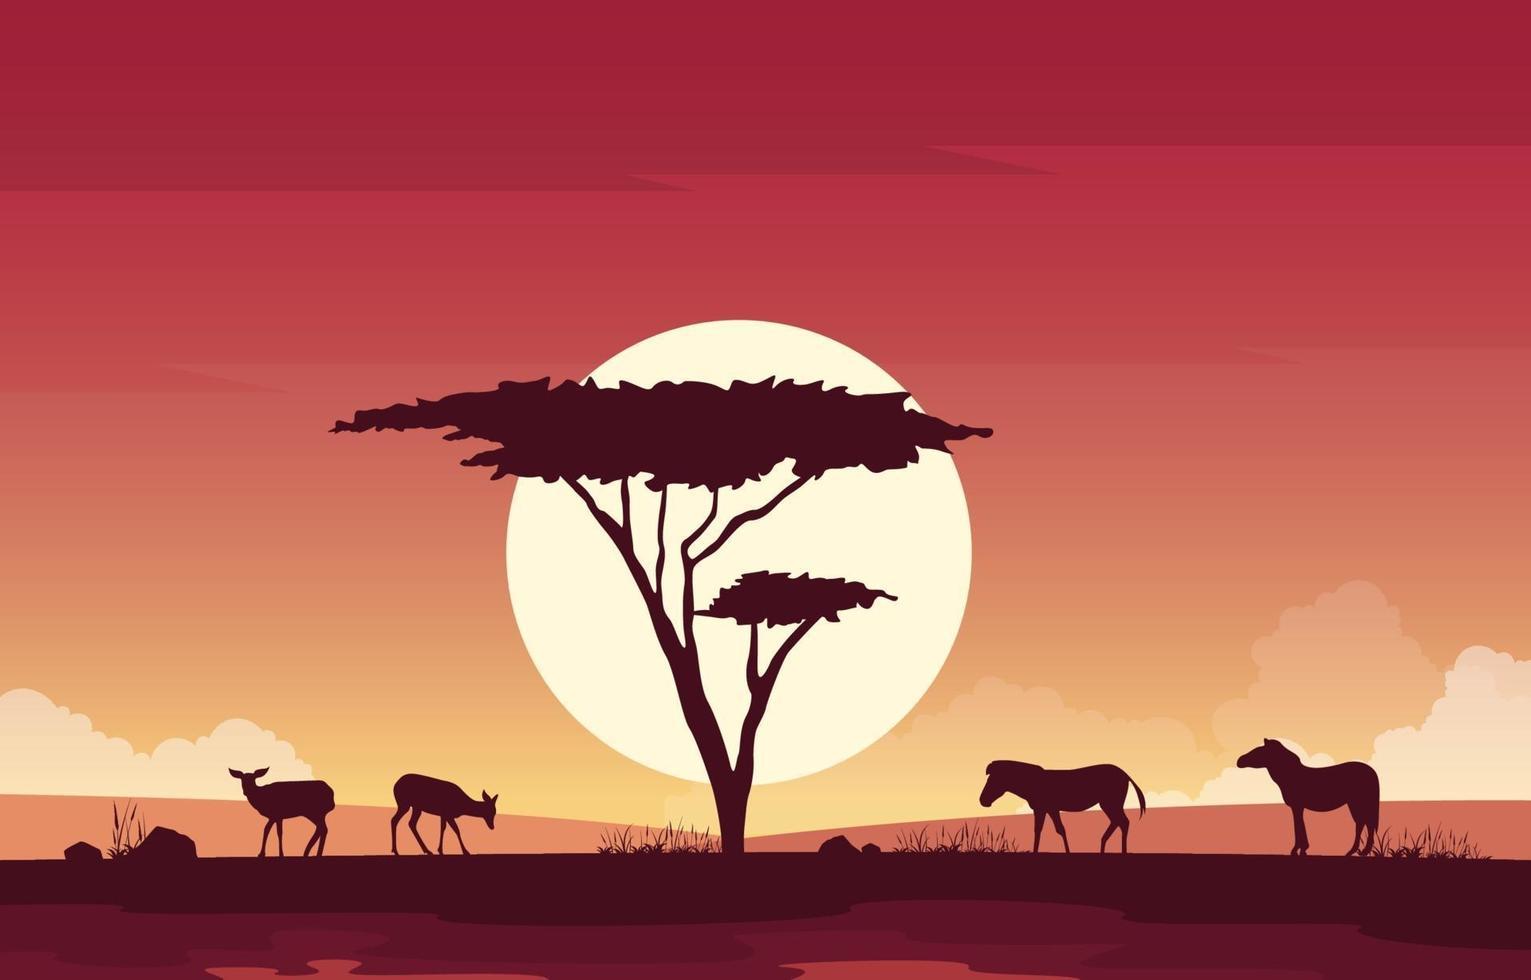 ciervos y cebras en la ilustración del paisaje de la sabana africana vector